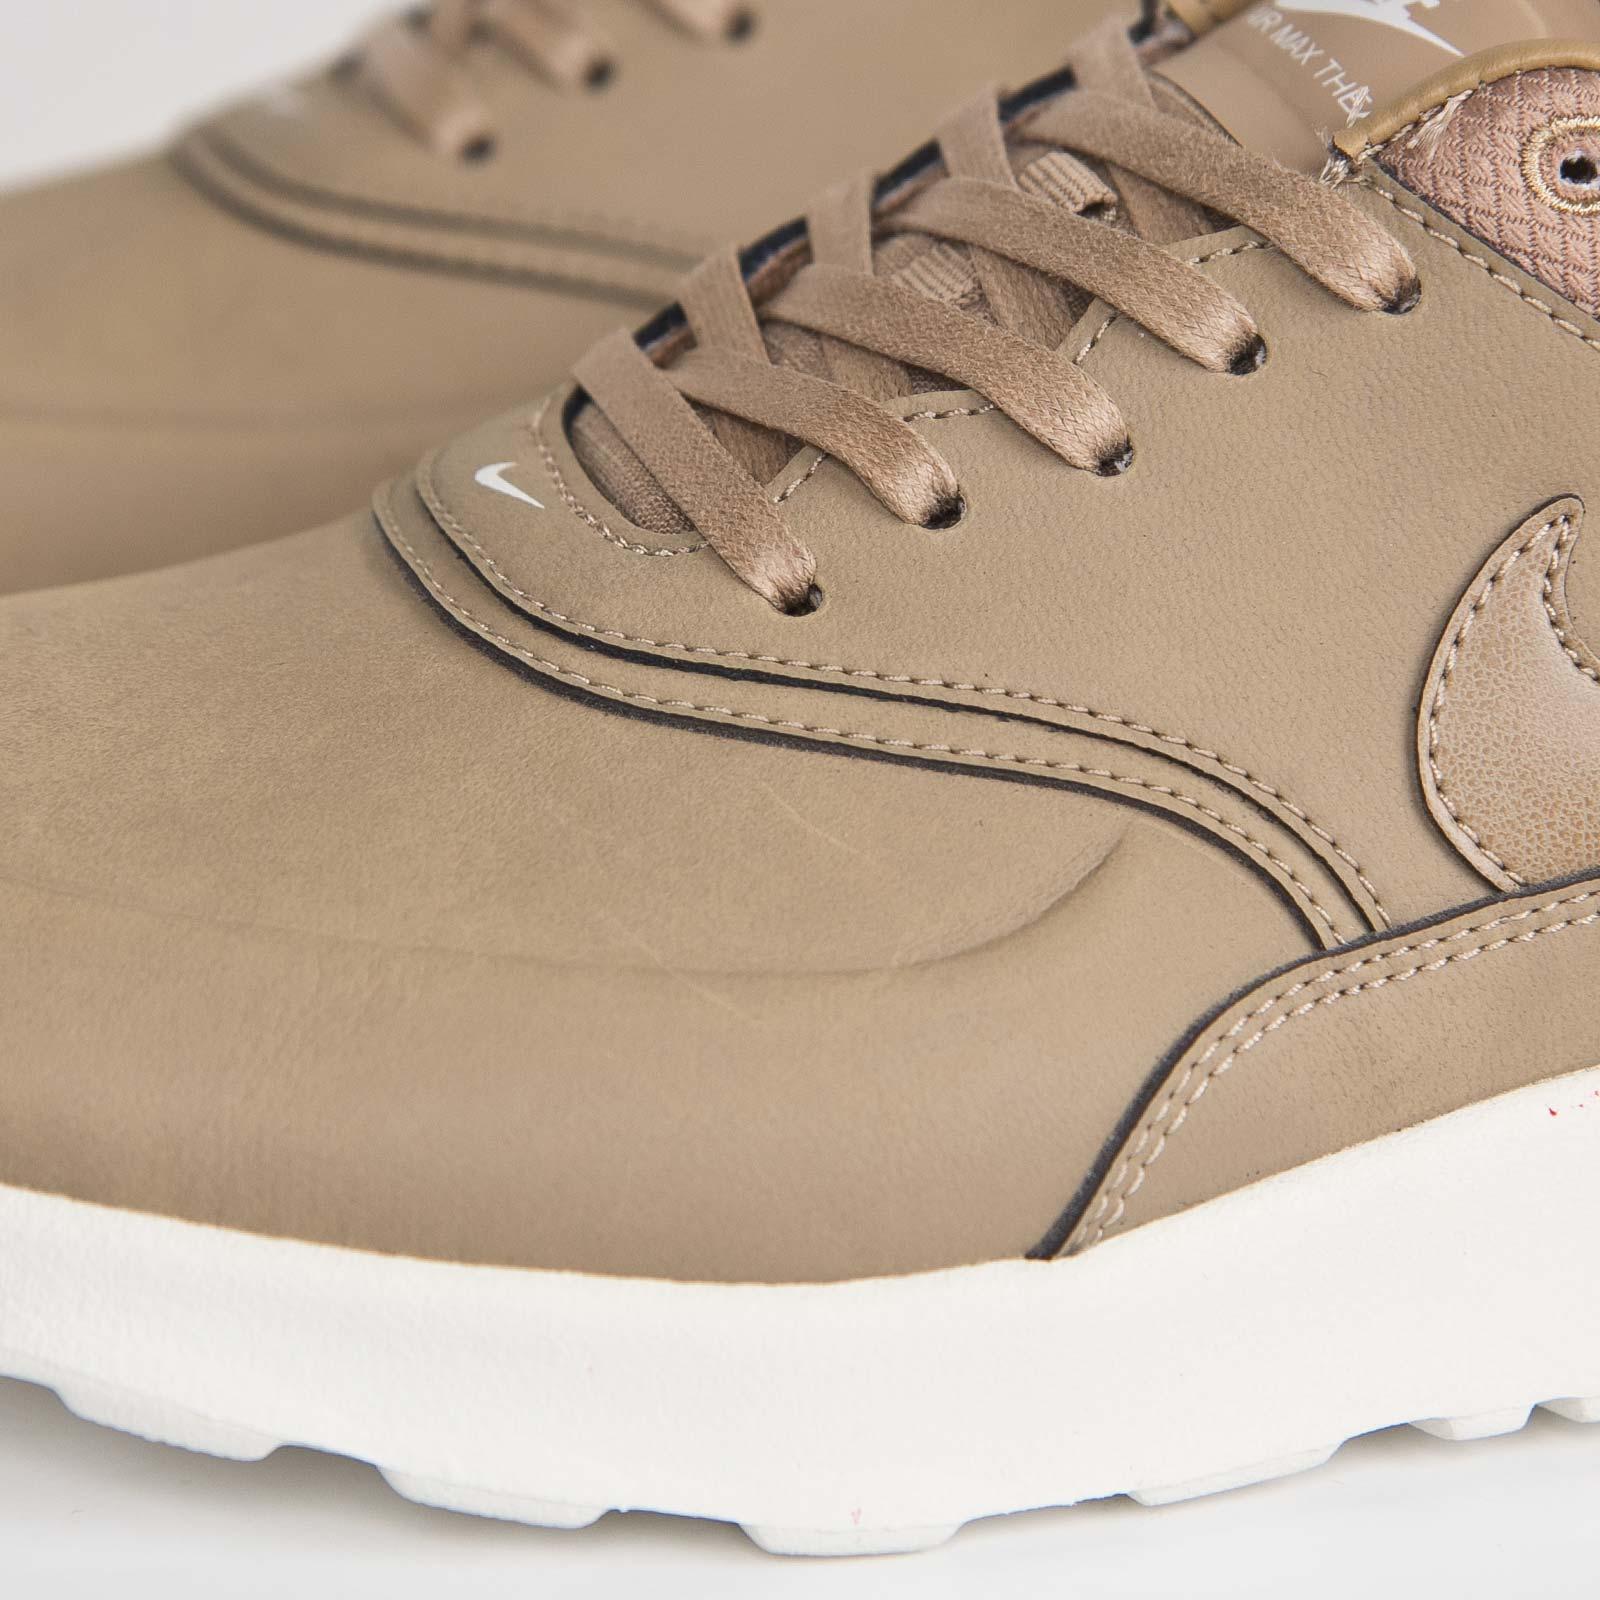 nike air max thea mens brown desert leather priemium